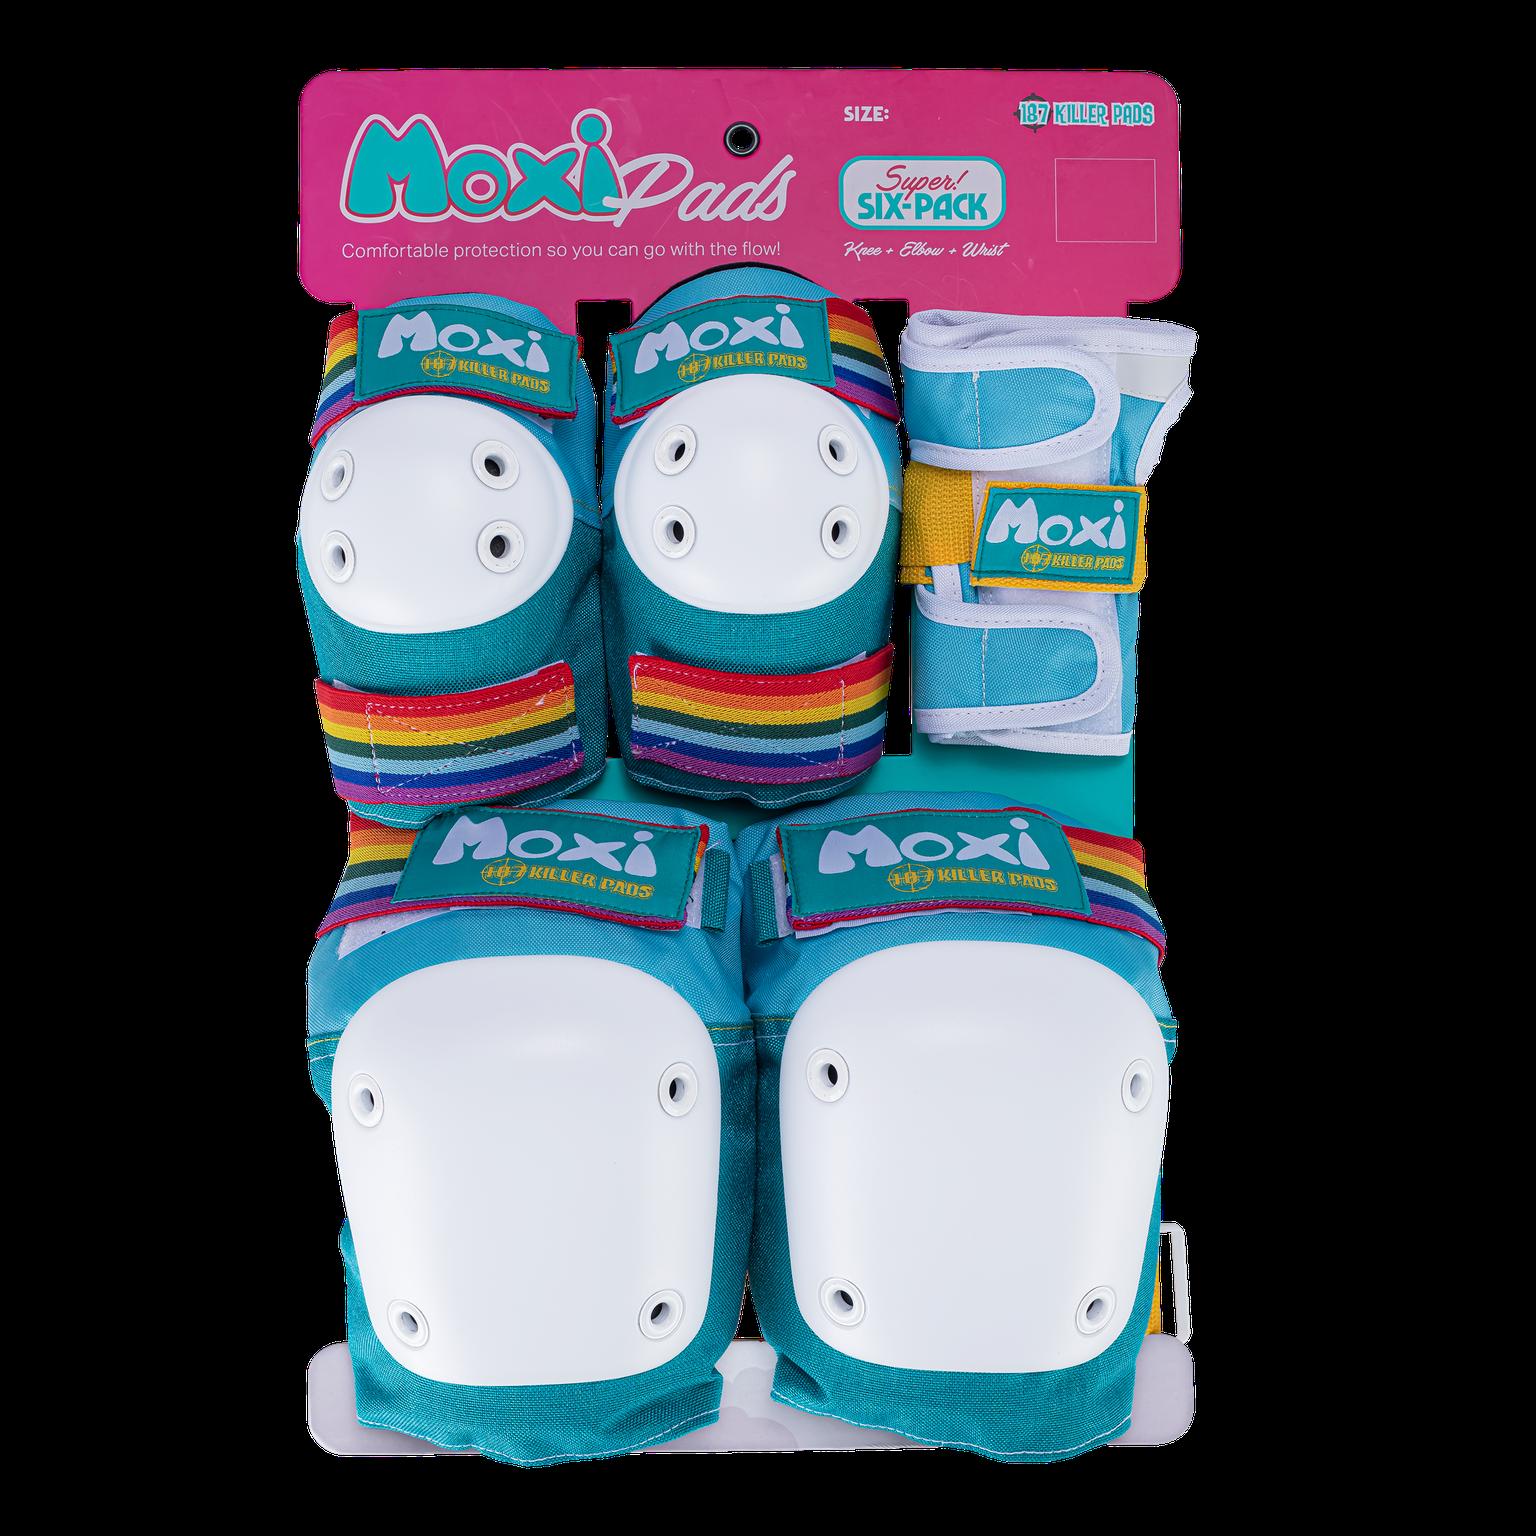 Moxi / 187 Pads 6 Pack